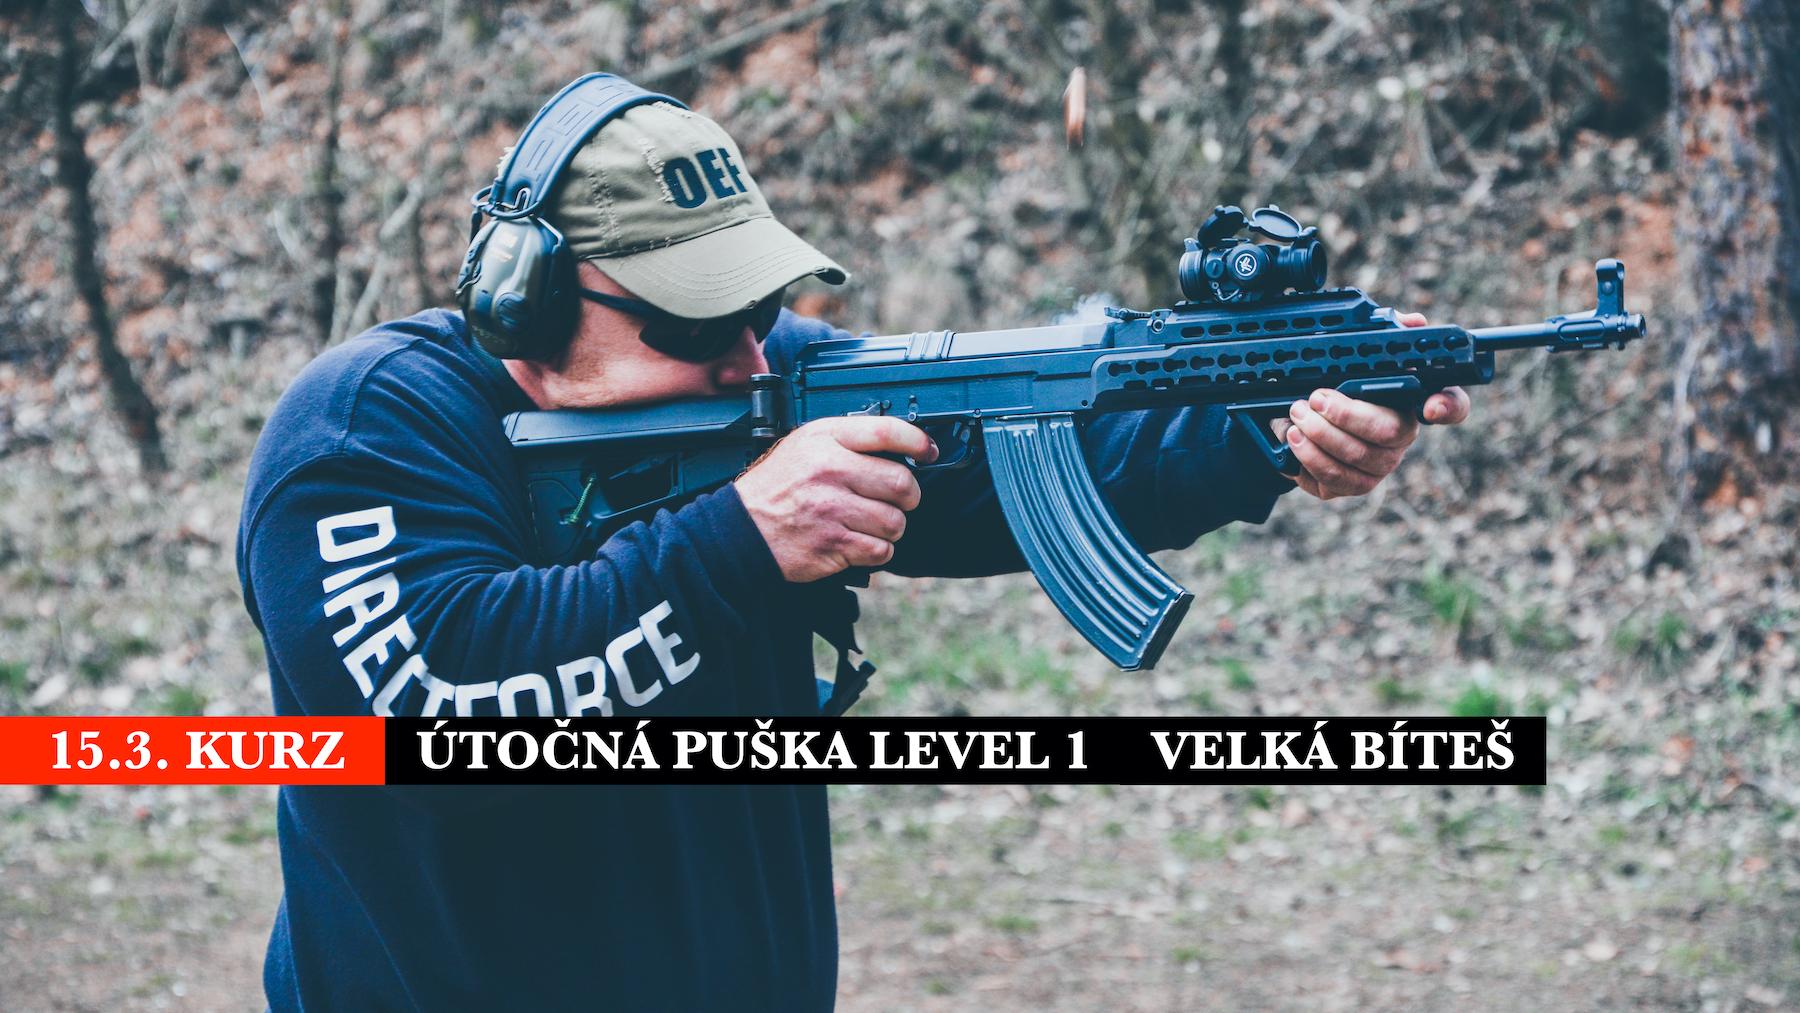 Puška L1 dne 15.3.2020